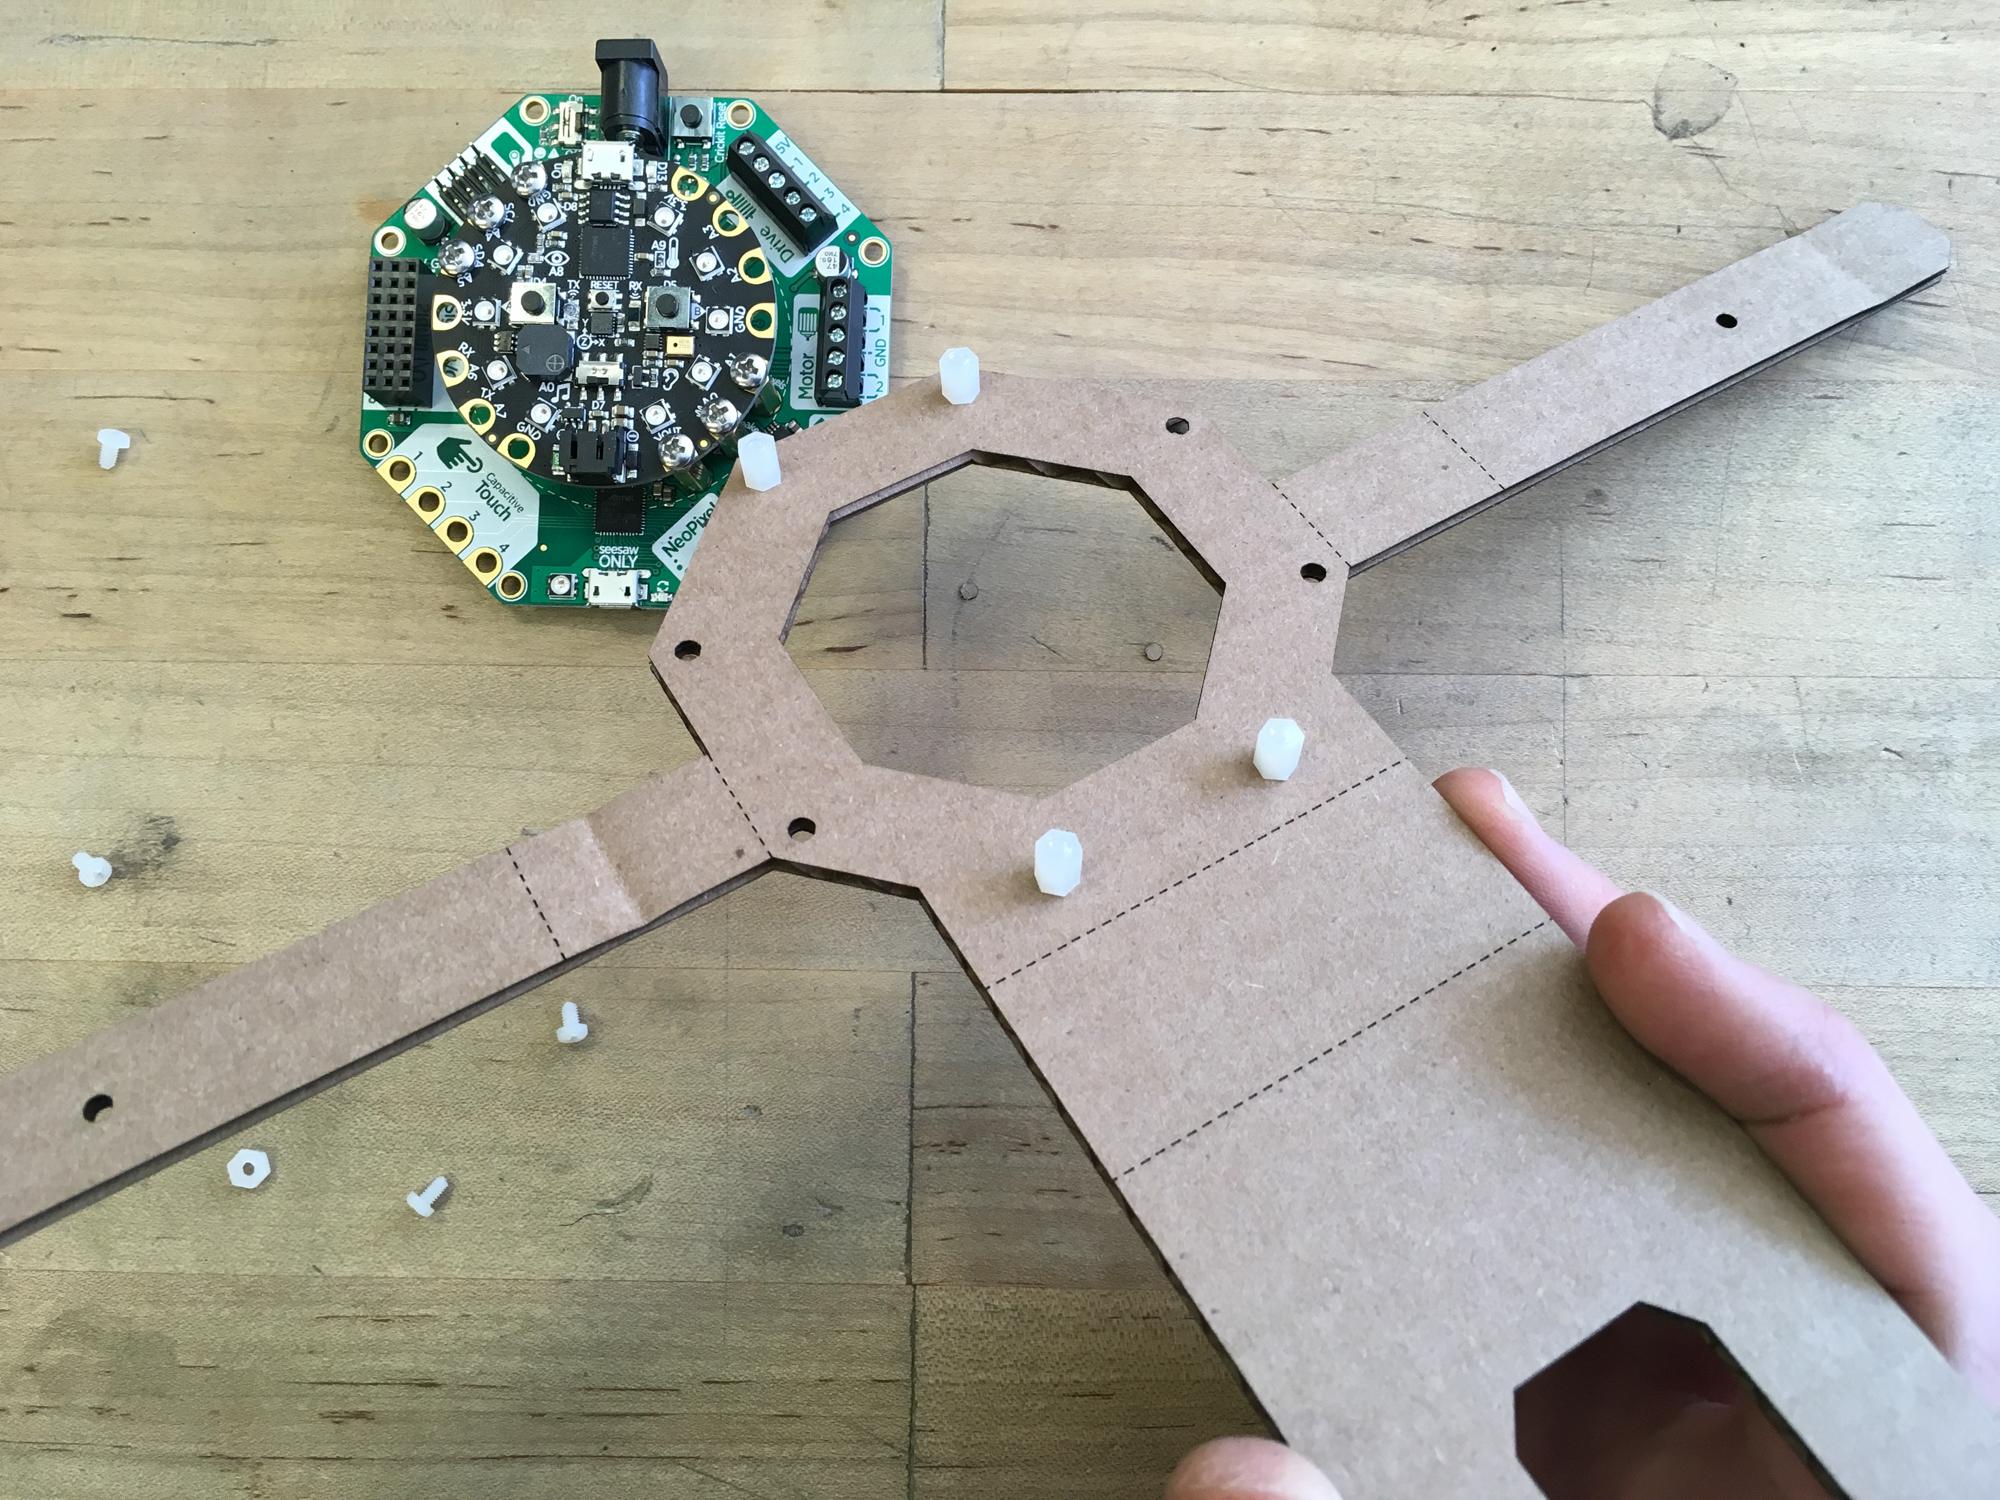 robotics___cnc_uni_bot_0015_2k.jpg